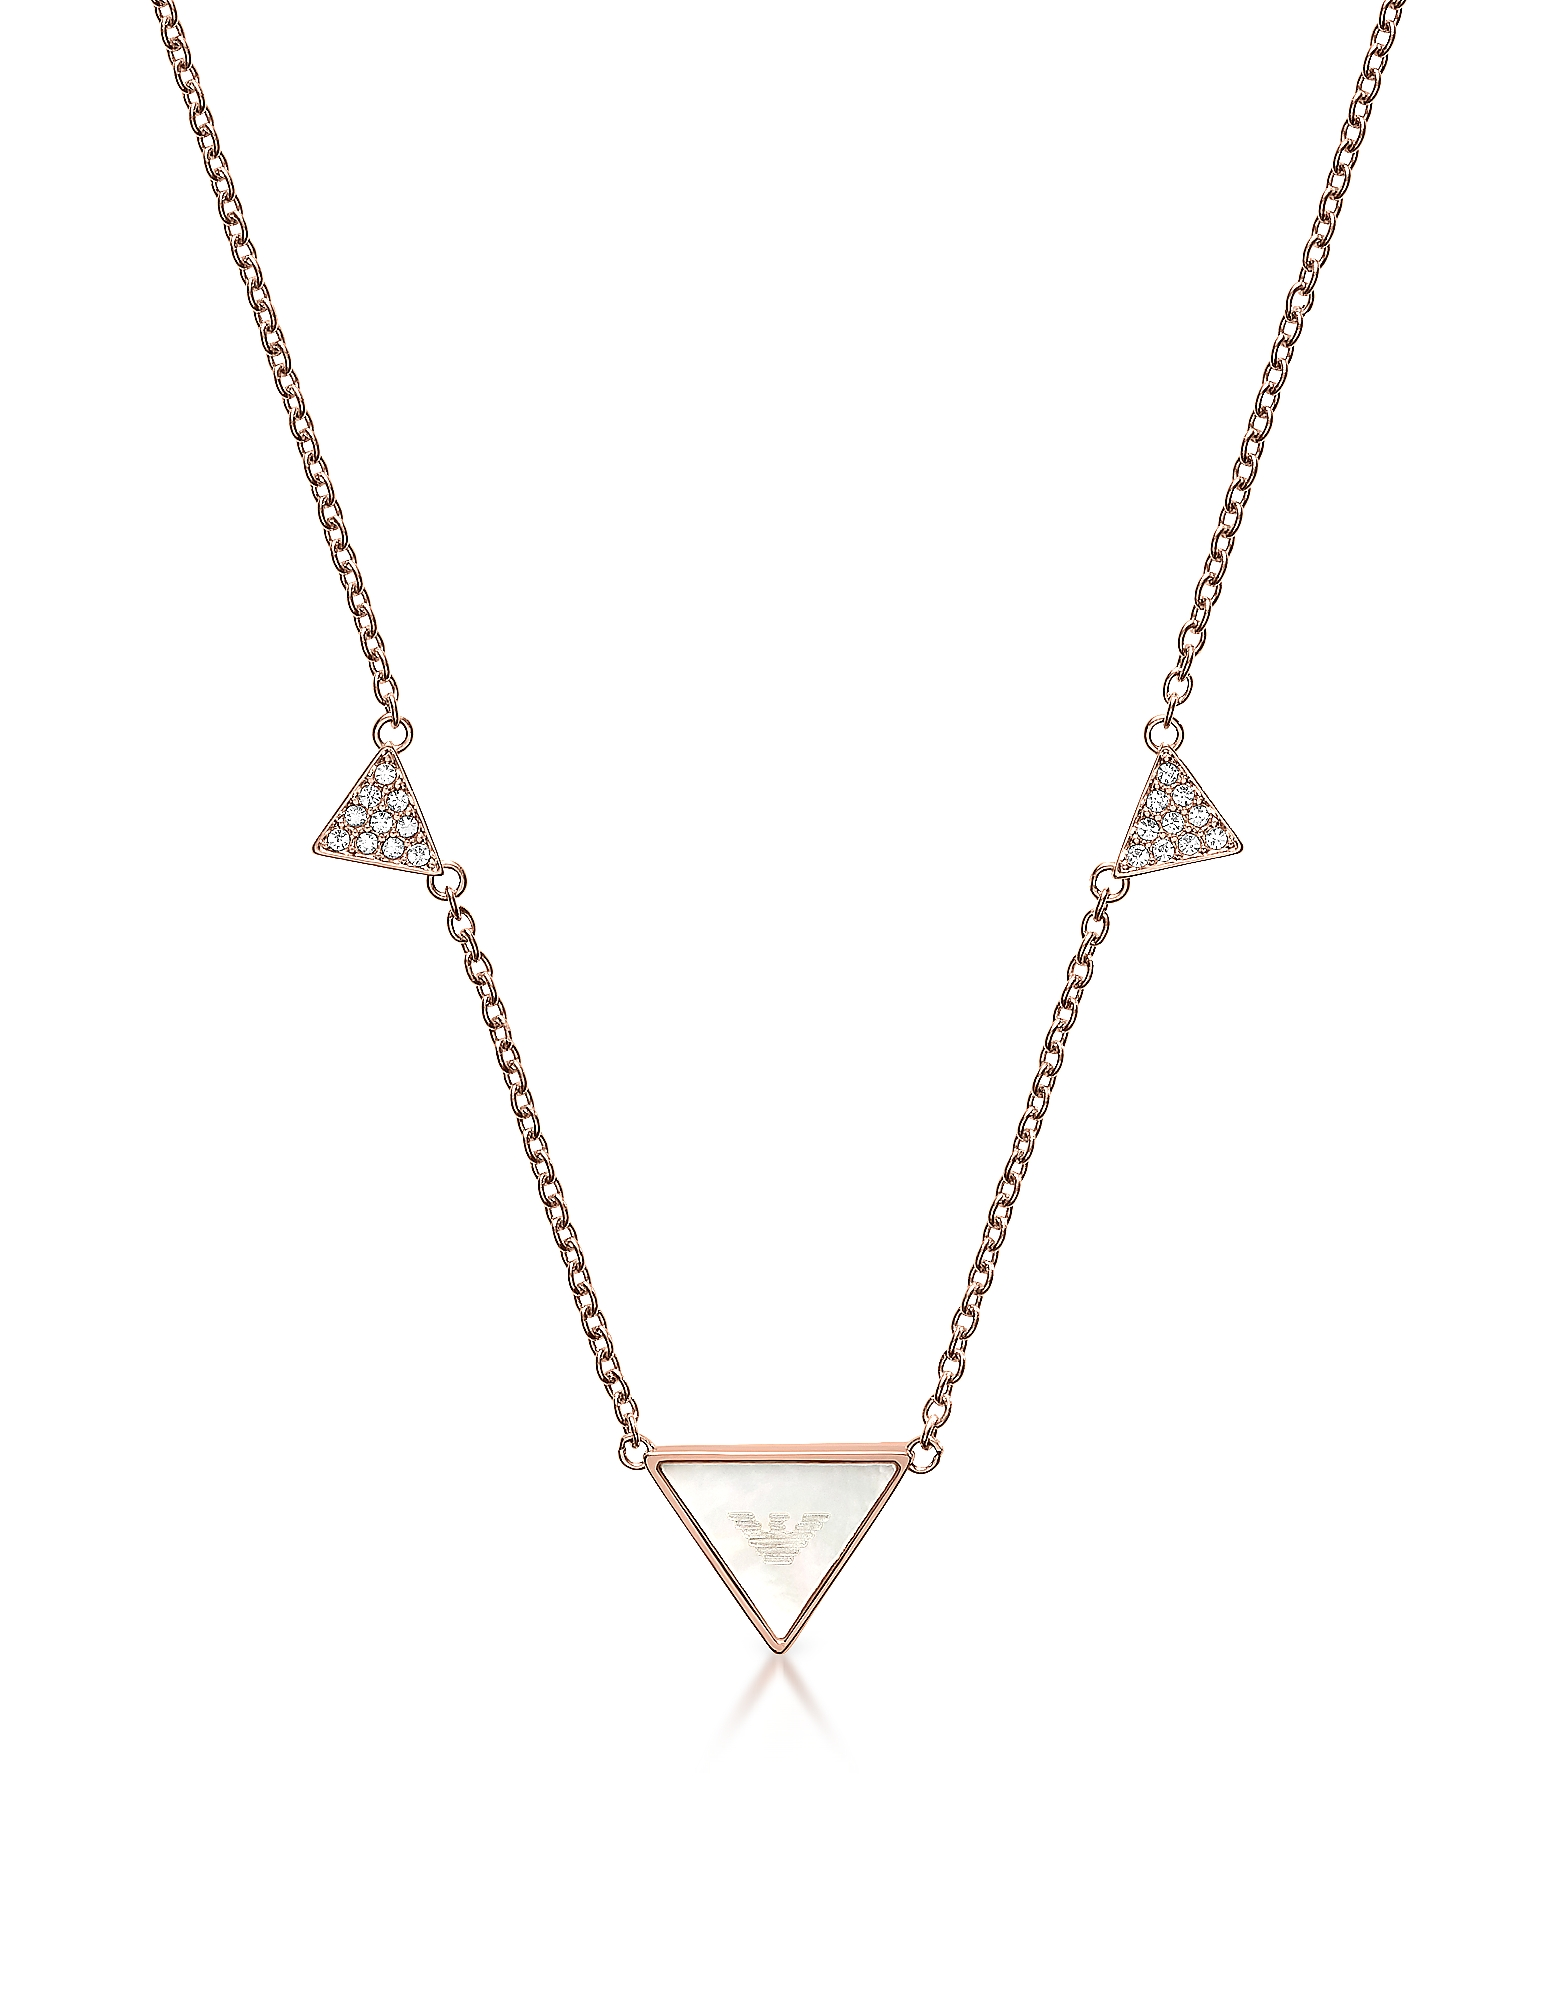 Фирменное Ожерелье Оттенка Розового Золота с Треугольниками